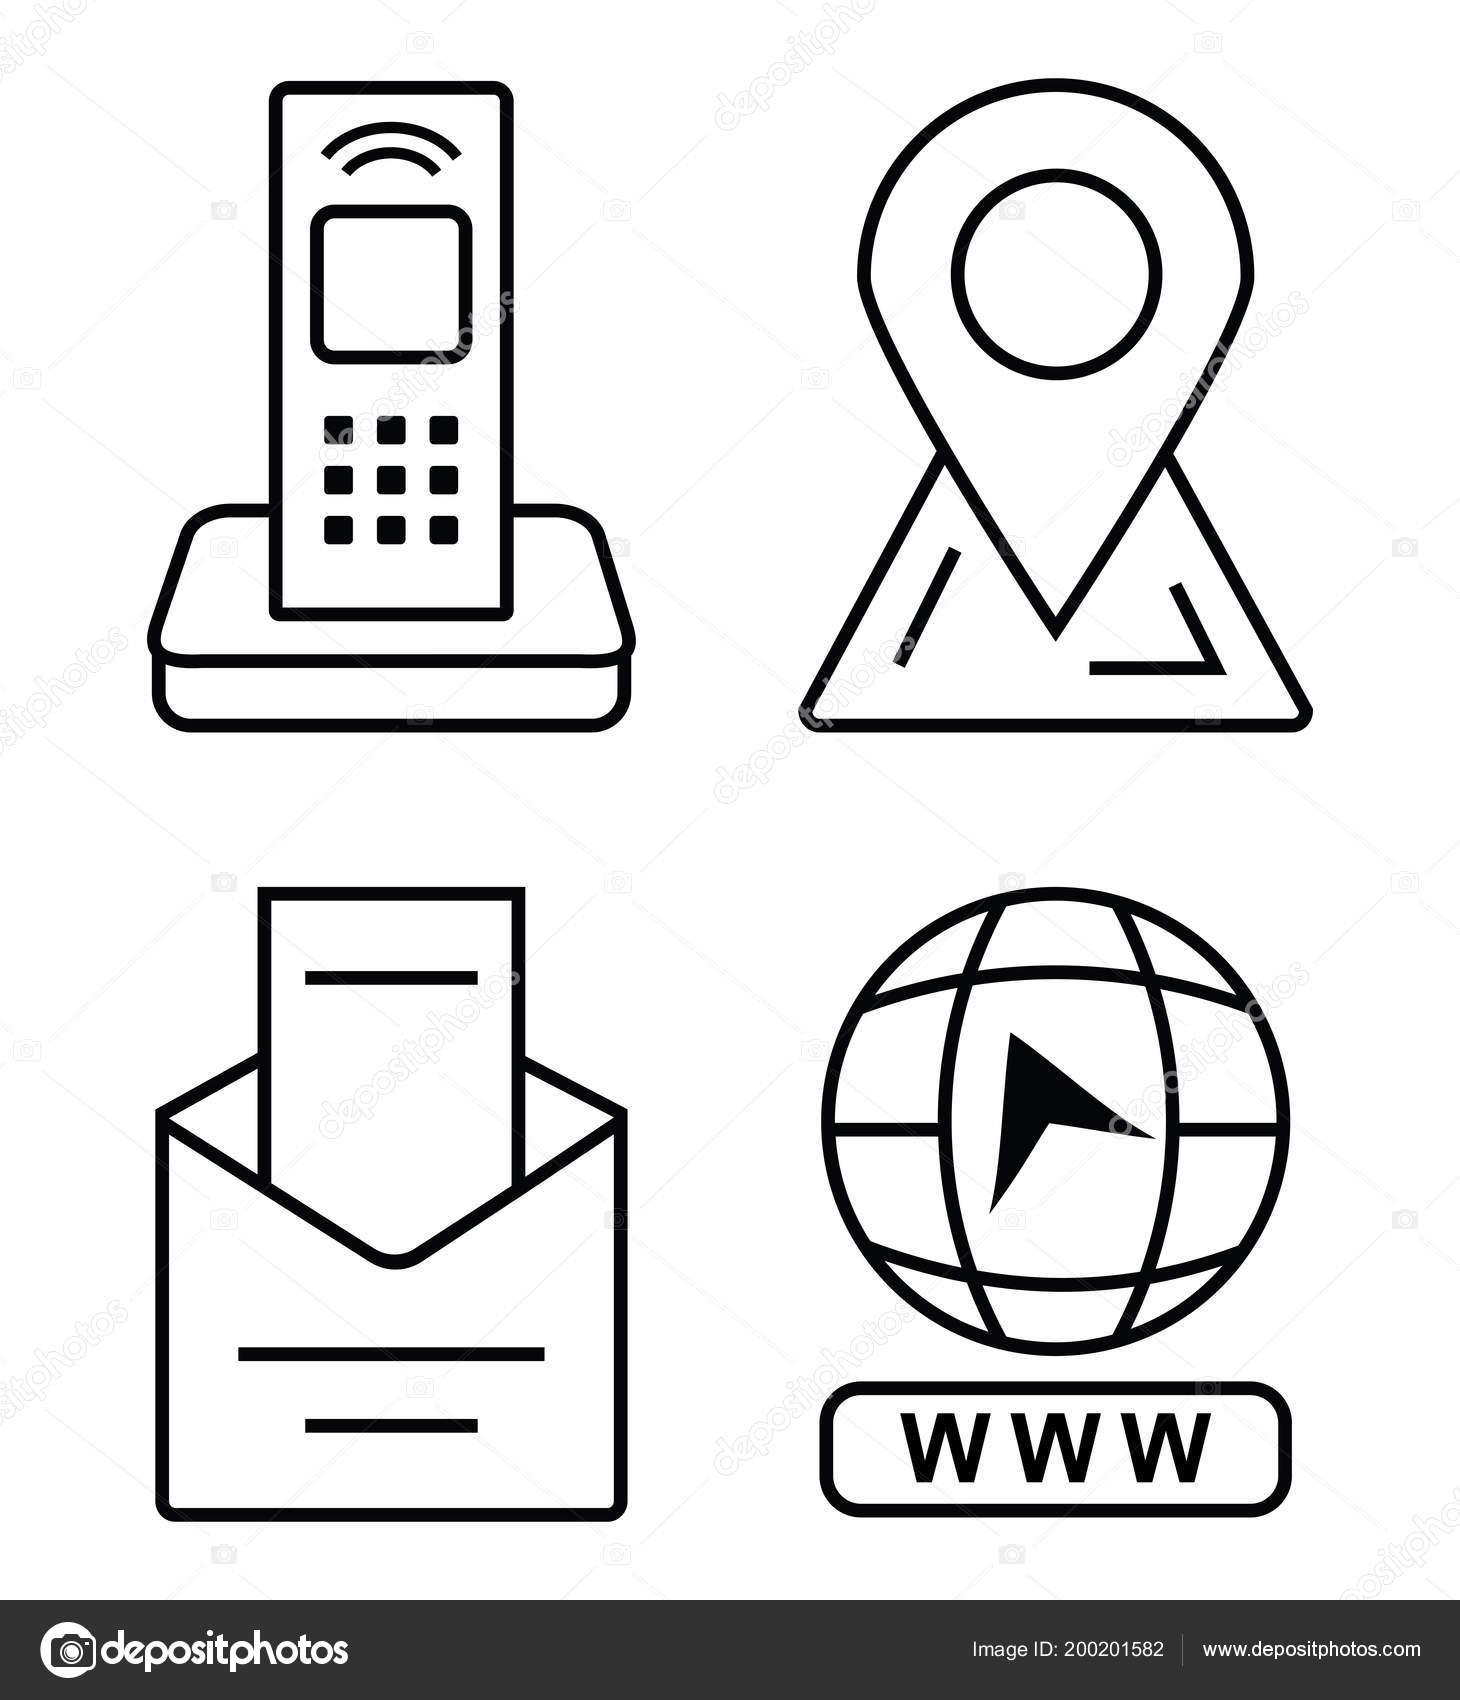 Icones Minces Pour Carte De Visite Telephone Bureau Marqueur Sur La Par Courriel Cliquez Acceder Au Site Lettre Dans Lenveloppe